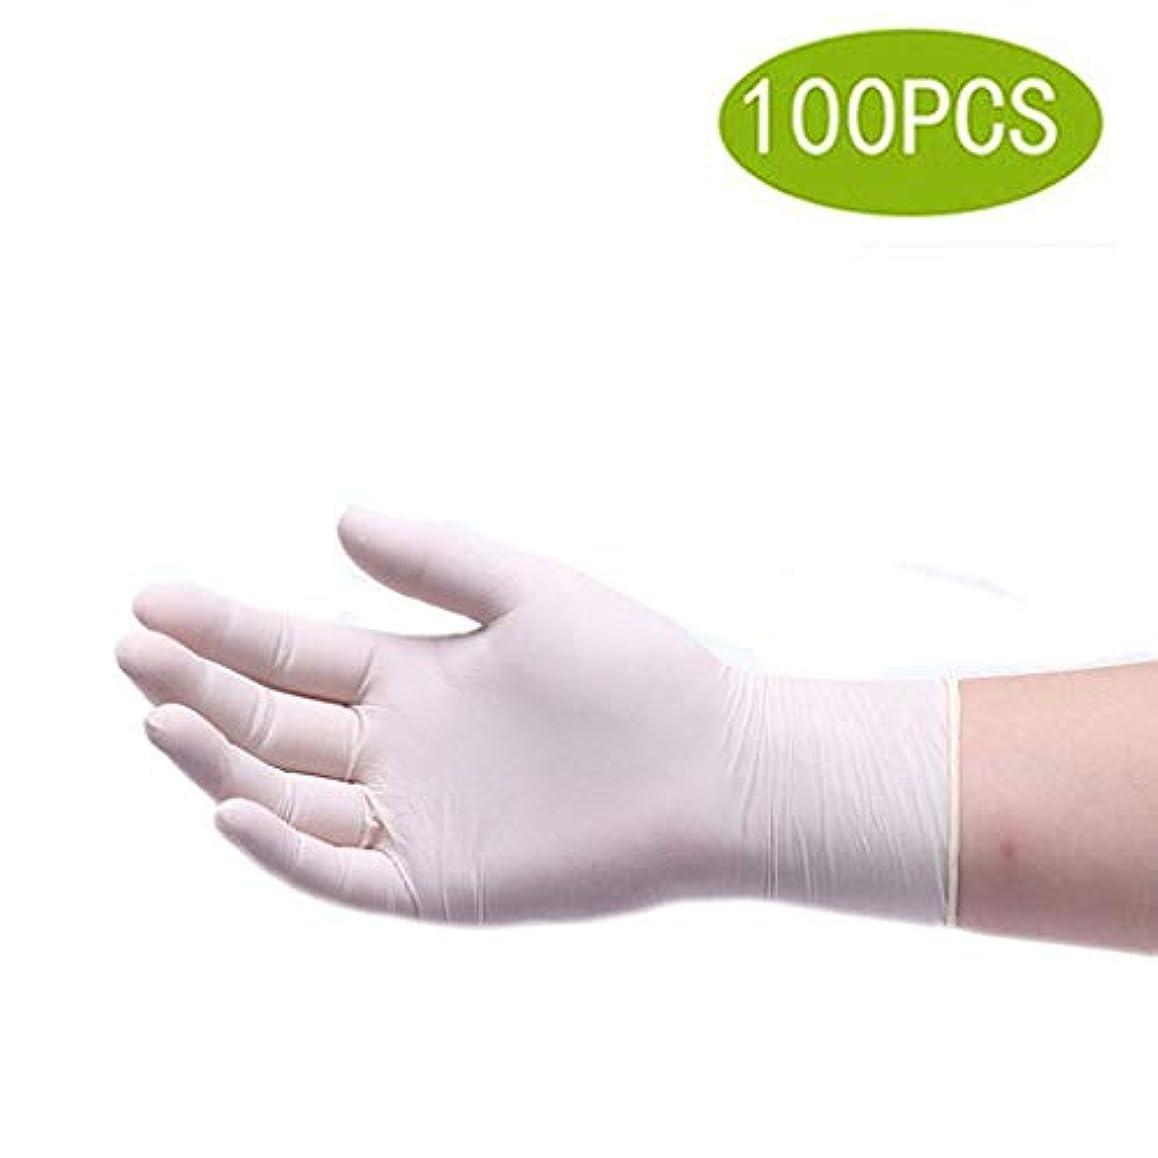 ミニチュアレビュー問題食品取扱のための使い捨て手袋、作業ニトリル手袋、ラテックスフリー手袋、使い捨て手袋、パウダーフリーの、滅菌済みでない使い捨て安全手袋、ミディアム(100個入り) (Color : White, Size : S)